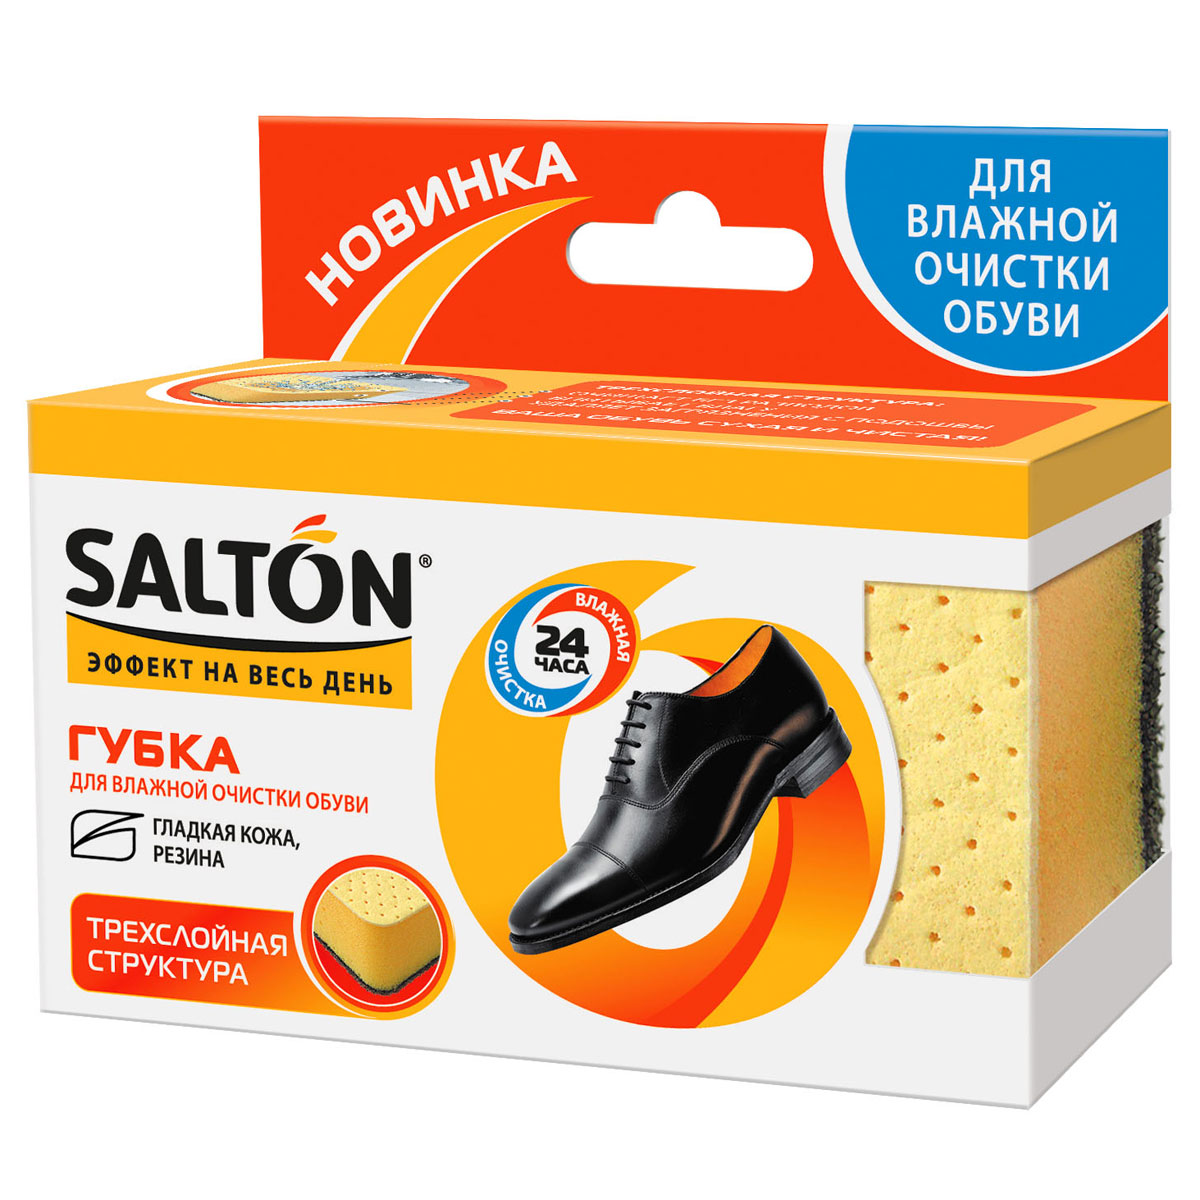 Губка Salton для влажной очистки обуви из гладкой кожи и резины, трехслойная26258620Благодаря уникальной комбинации материалов губка Salton эффективно удаляет уличные загрязнения с обуви из гладкой кожи и резины. Губка обеспечивает деликатное очищение. Не оставляет разводов. Трехслойная структура для качественной очистки обуви: - черный жесткий слой эффективно удаляет сильные загрязнения с подошвы; - прочный поролоновый слой впитывает и удерживает влагу; - желтый слой из специального материала легко удаляет загрязнения и моментально впитывает остатки влаги с кожаной поверхности обуви.Можно использовать при очистке замшевой обуви с помощью пены-очистителя.Размер губки: 11 см х 6,5 см х 4,5 см.Материал: вискоза, полиэстер, полиуретан, клеевой слой.